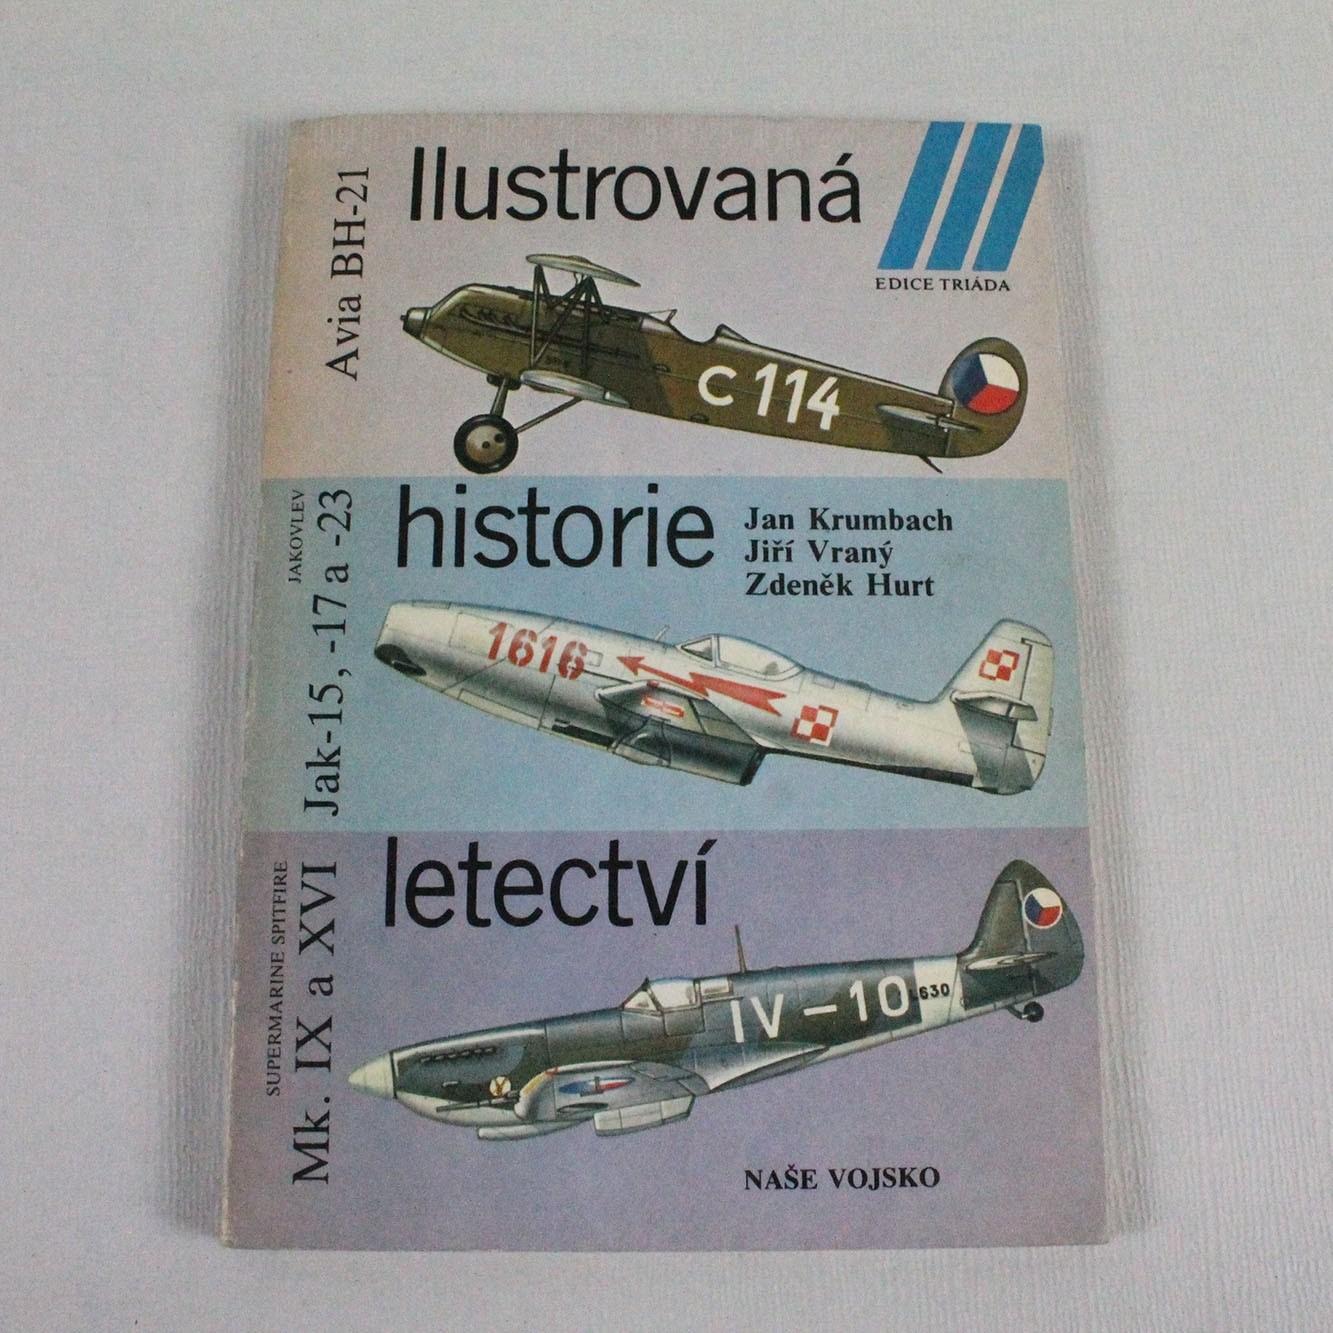 LIBCZ-ILUSTROVANÁ HISTORIE LETECTVÍ-4